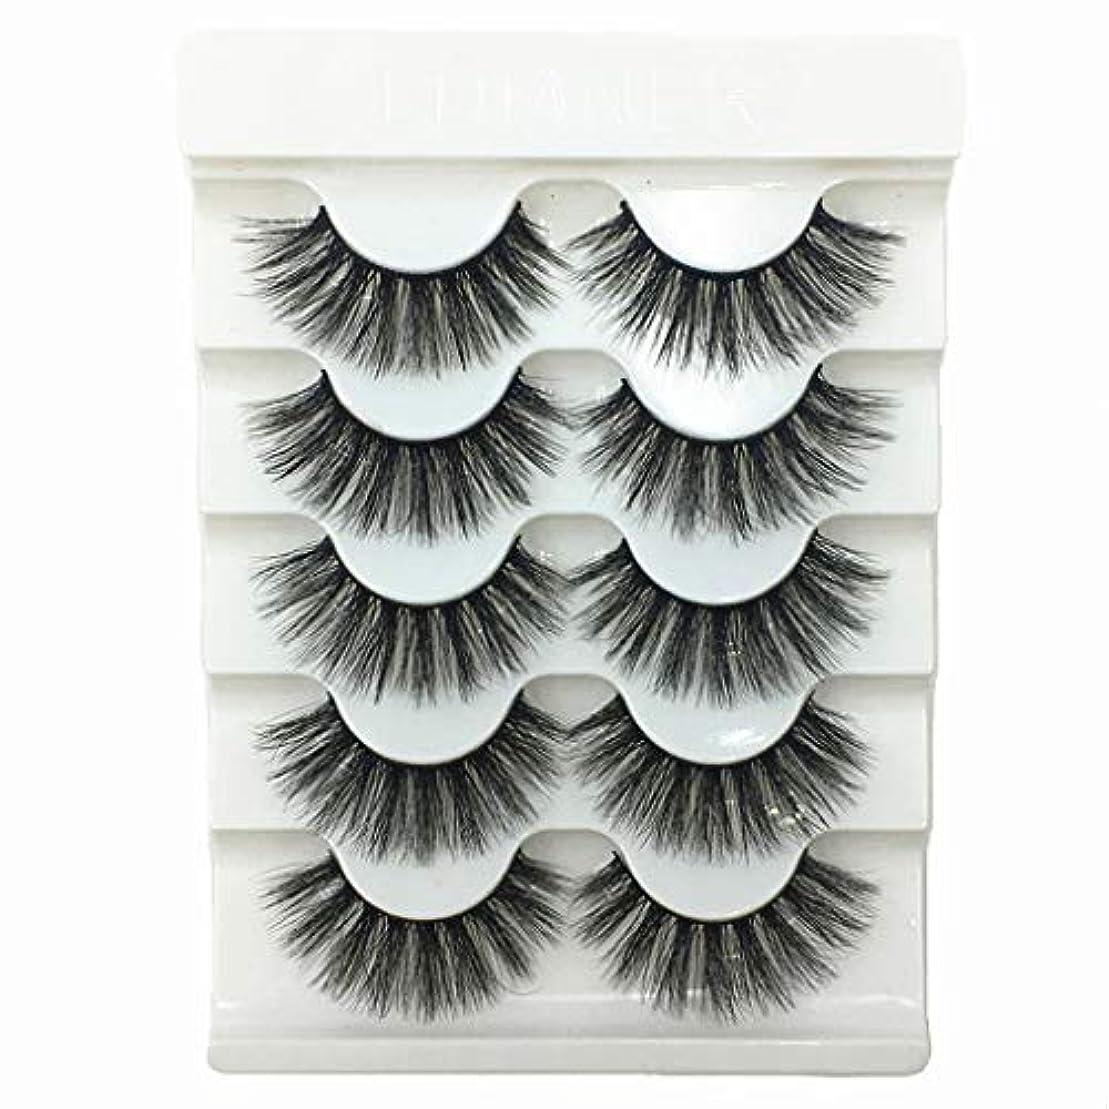 余韻衣装かなりFeteso 5ペア つけまつげ 上まつげ Eyelashes アイラッシュ ビューティー まつげエクステ レディース 化粧ツール アイメイクアップ 人気 ナチュラル 飾り 柔らかい 装着簡単 綺麗 濃密 再利用可能